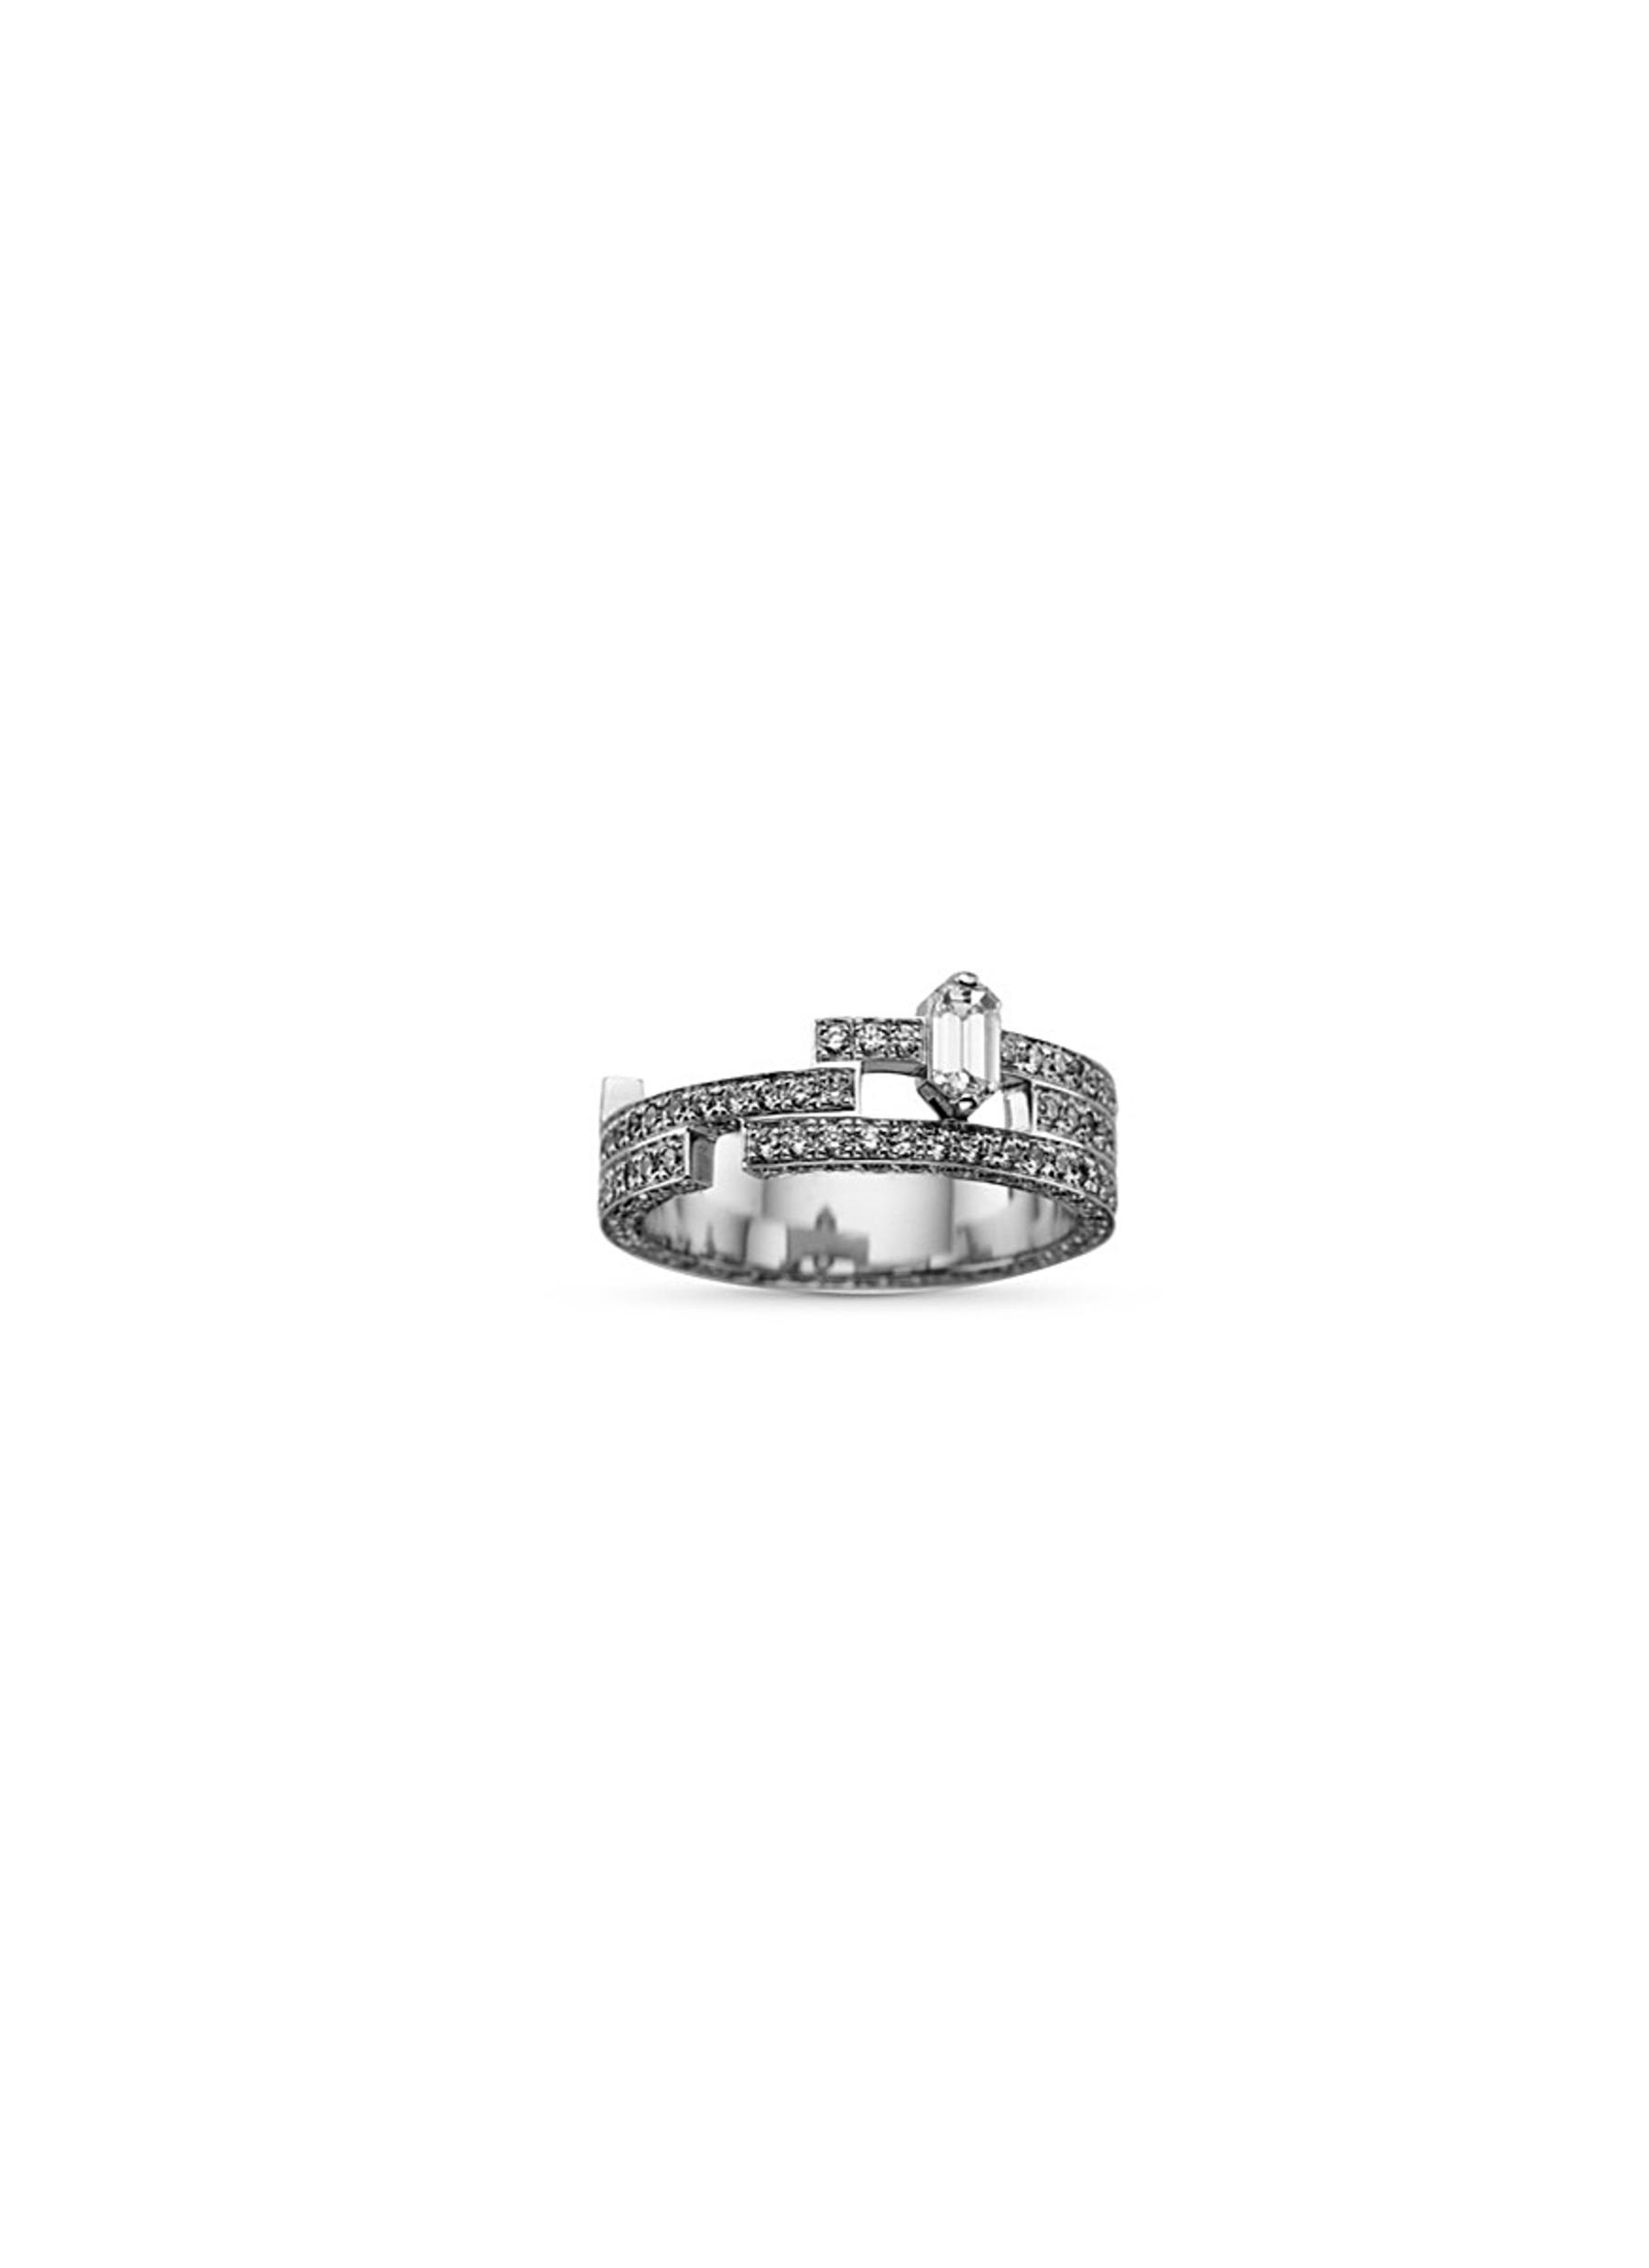 'Disruptive' pavé diamond 18k white gold three tier ring